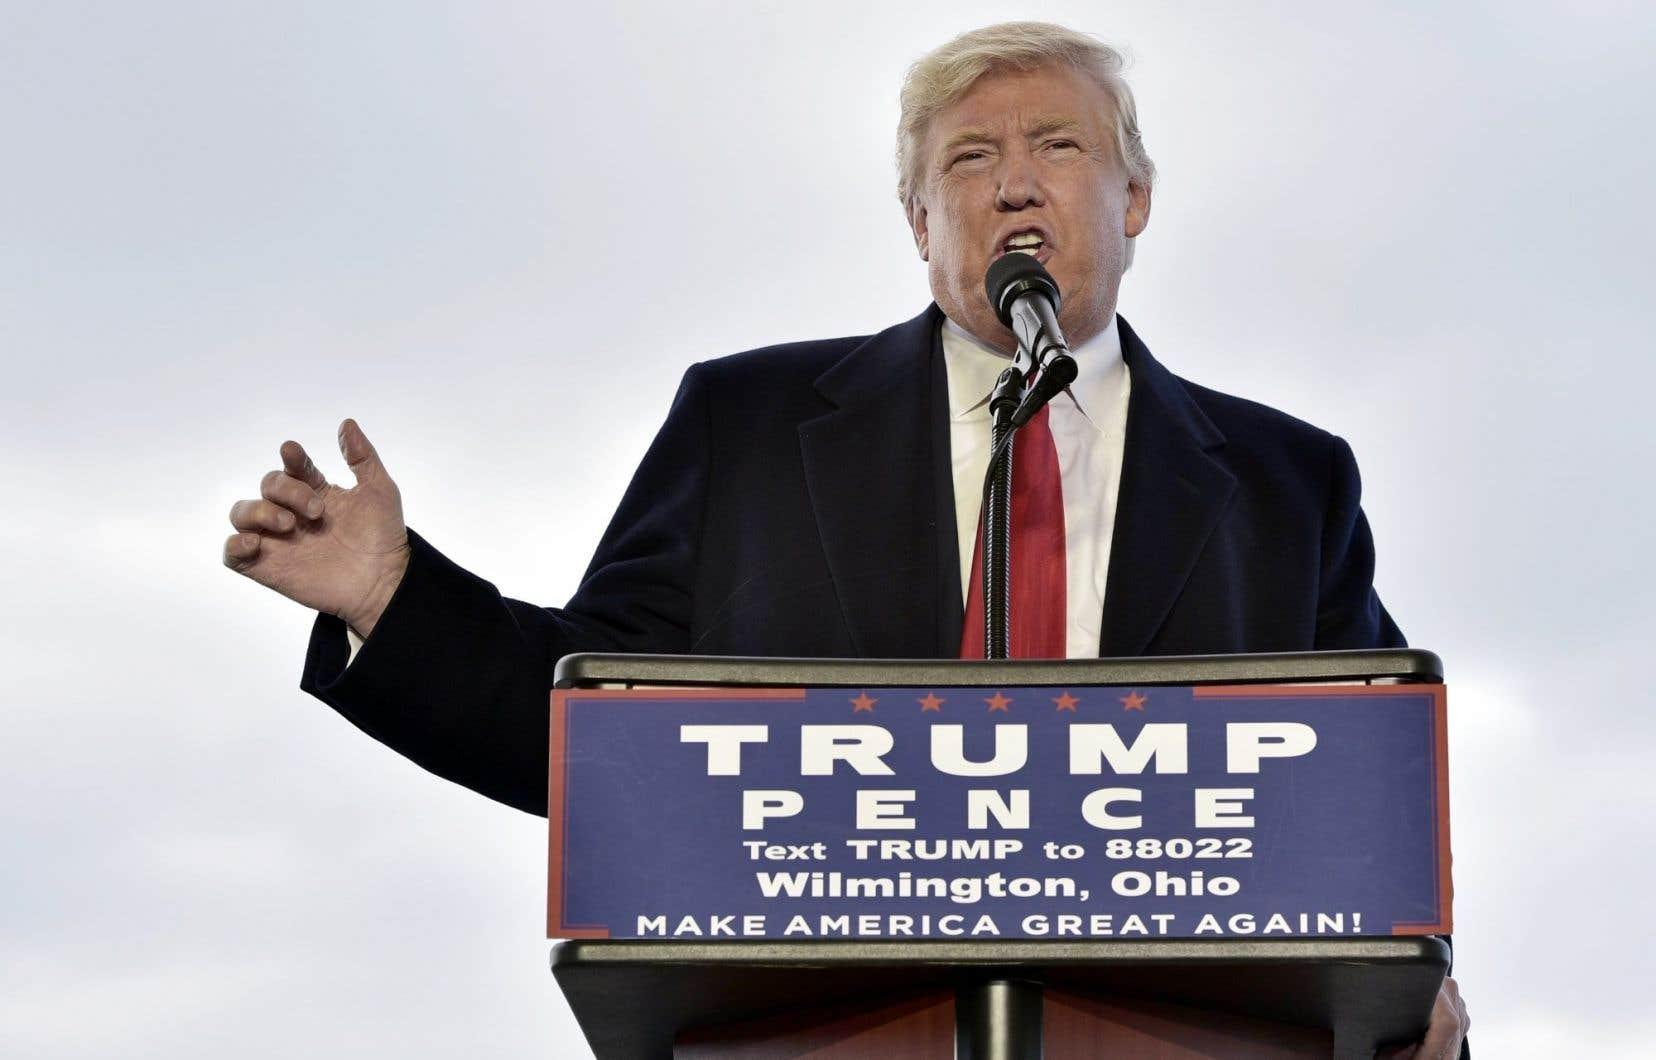 Le candidat républicain, Donald Trump